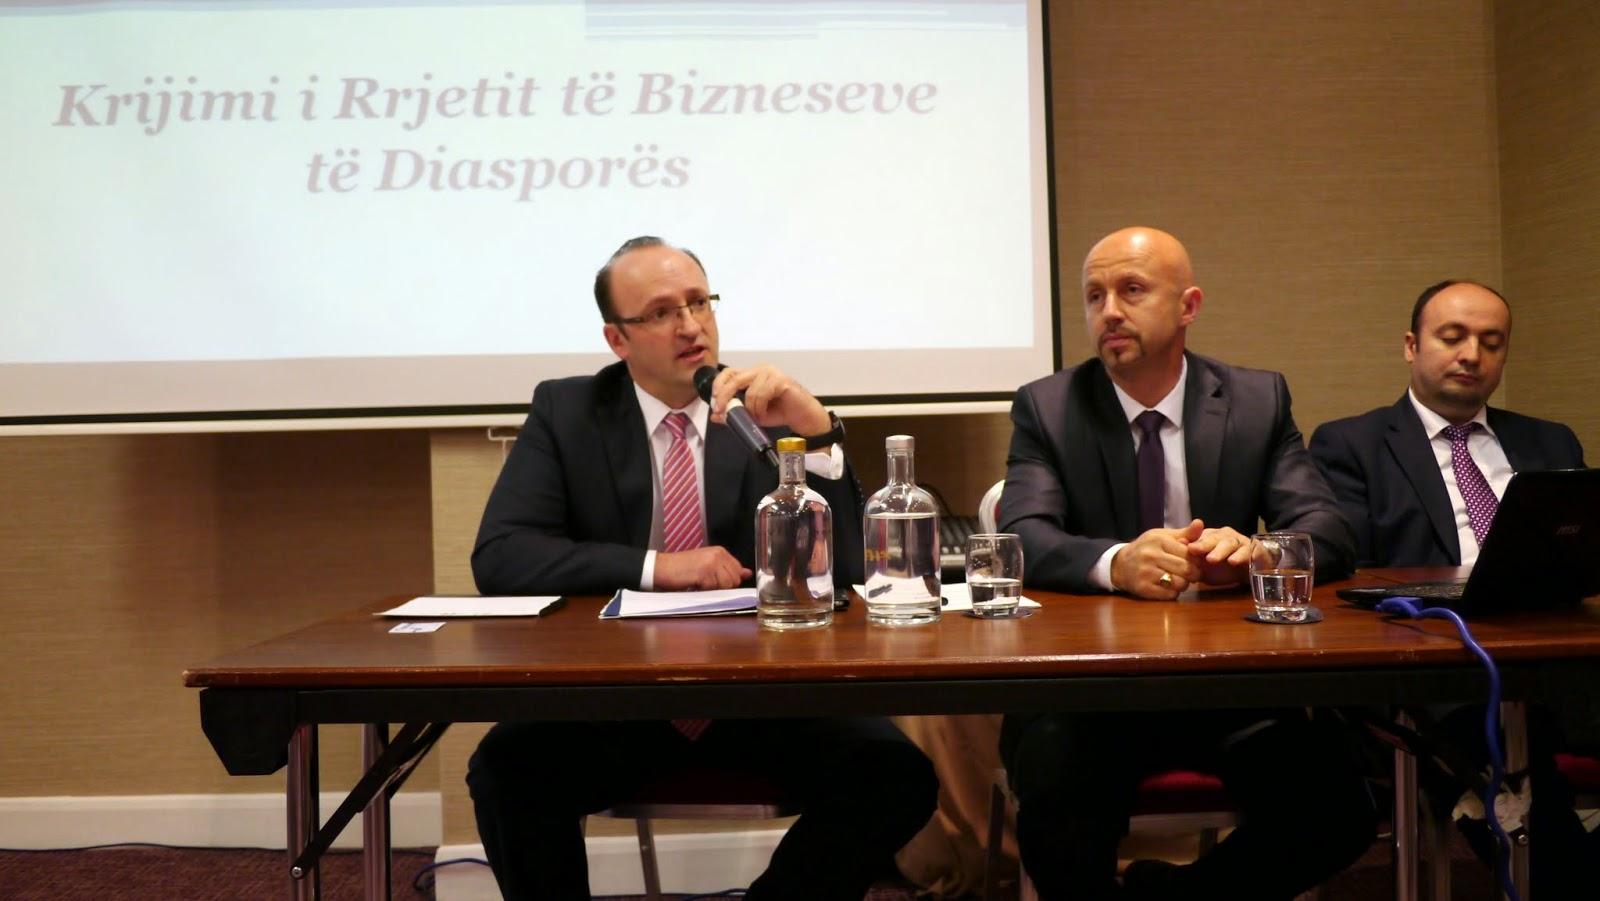 Krijimi i rrjetit se bizneseve te diaspores ne Mbreterine e Bashkuar ne Londer